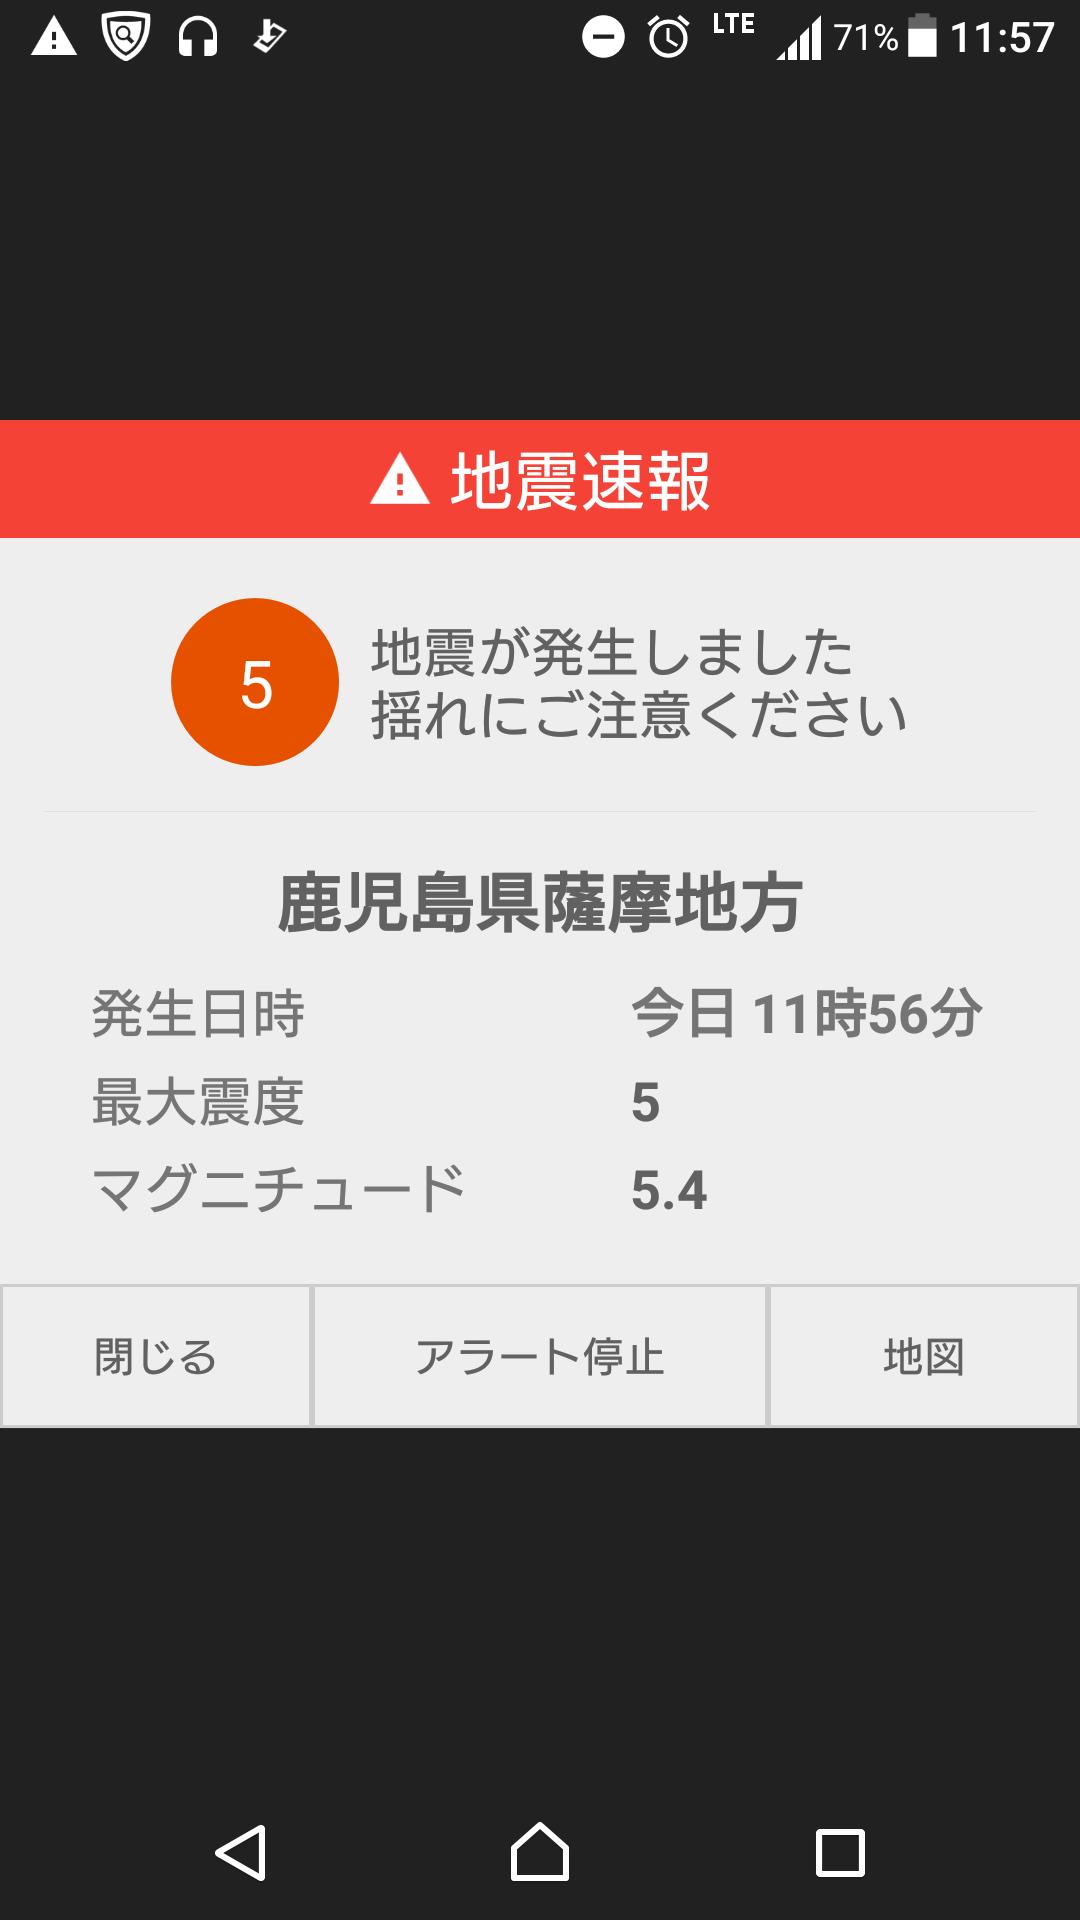 地震 鹿児島県